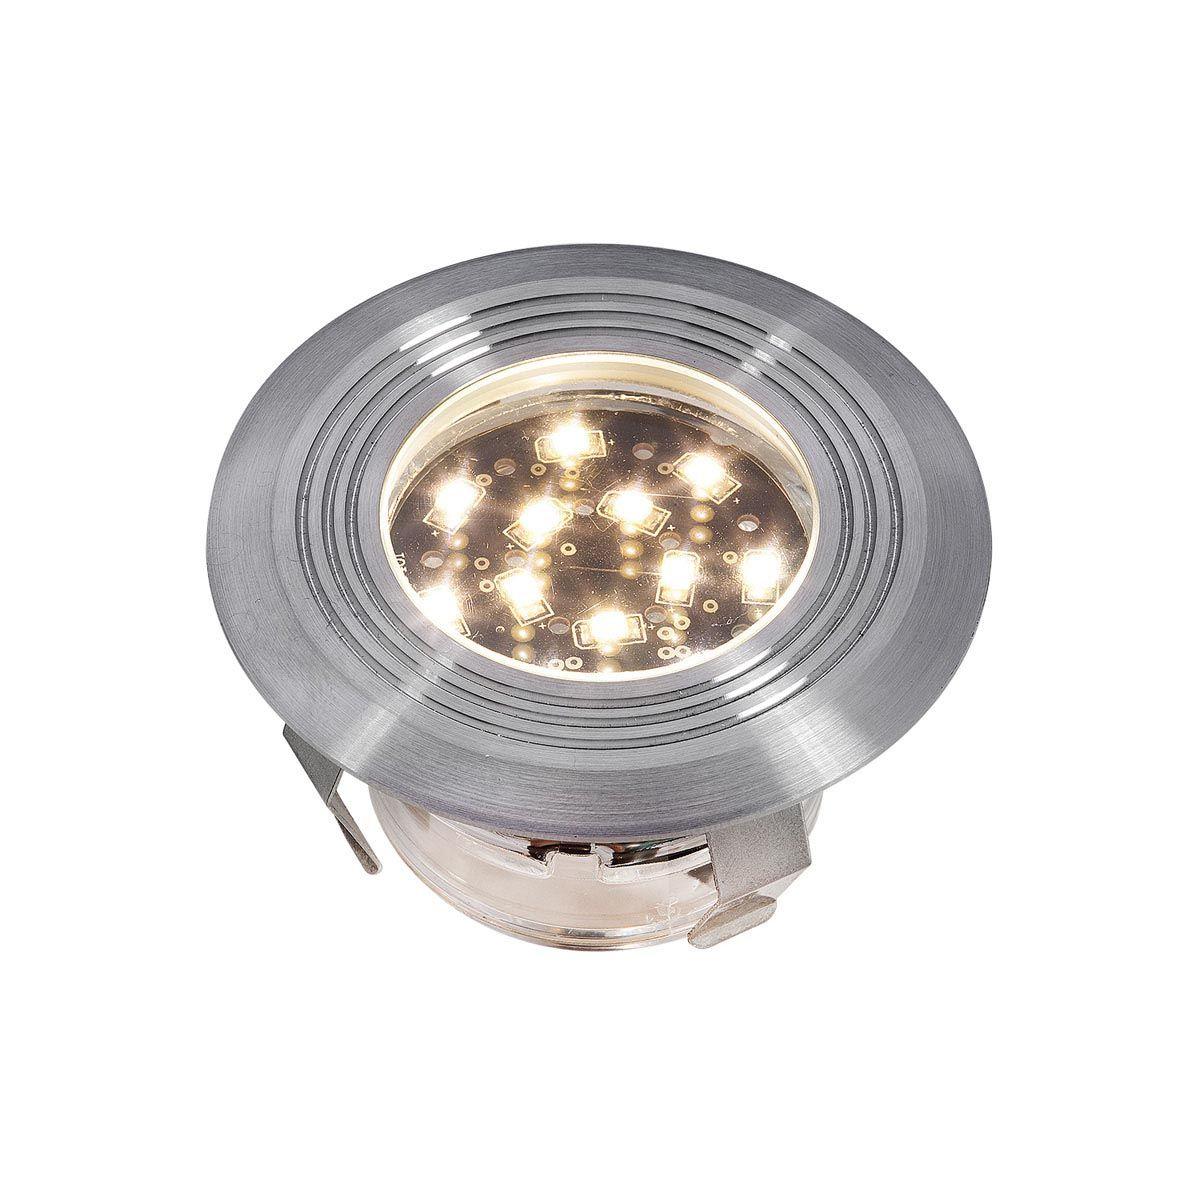 Einbauleuchte Doba R1, aus Edelstahl, 1 W LED, warm weiss, 12 V, 45 x 75 mm